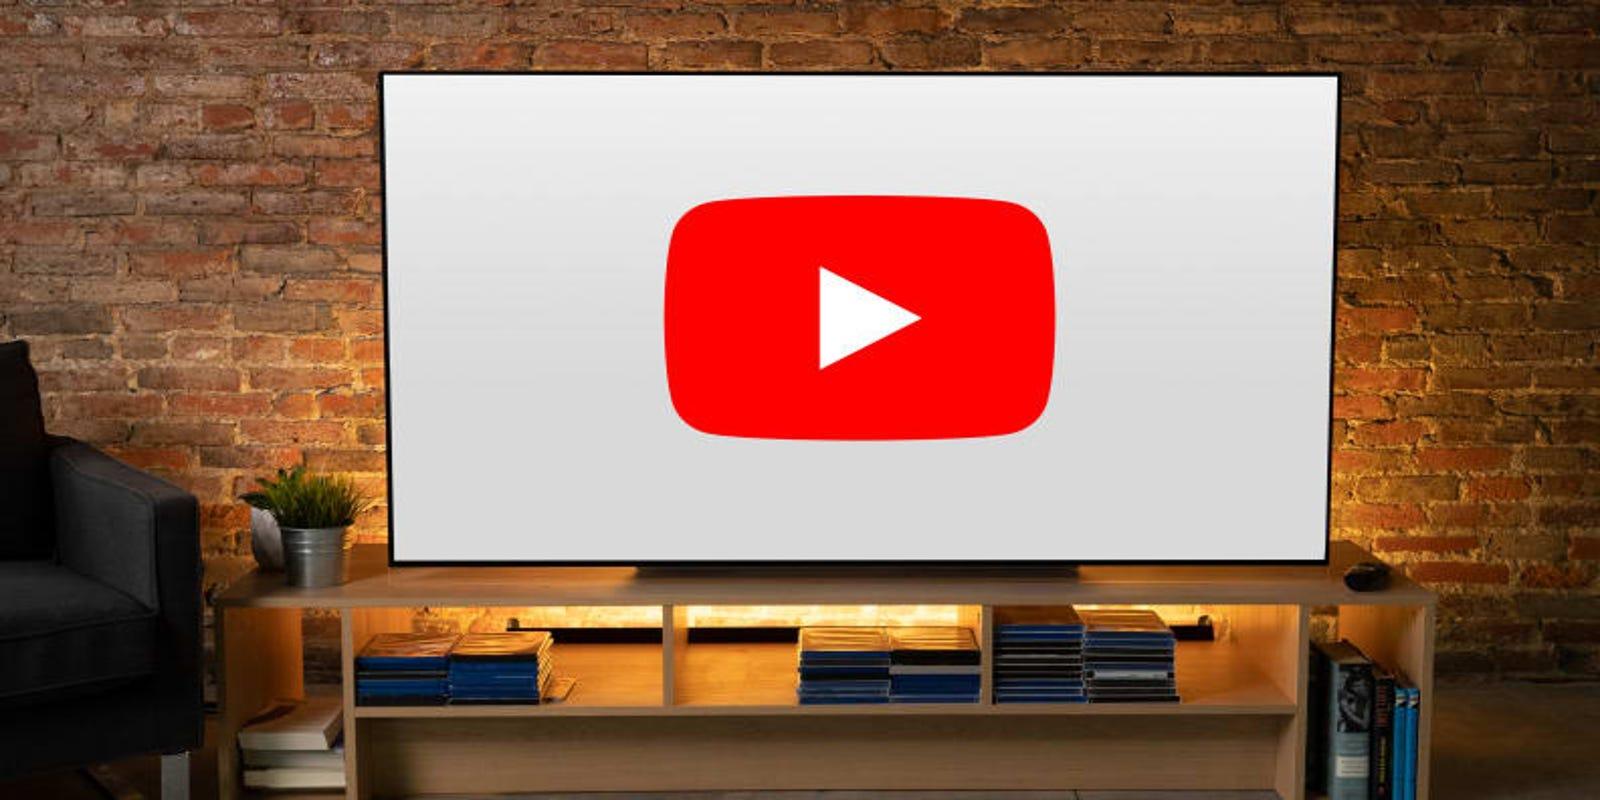 Reviewed com RvEW 24244 YouTube TV jpg?width=1600&height=800&fit=crop.'